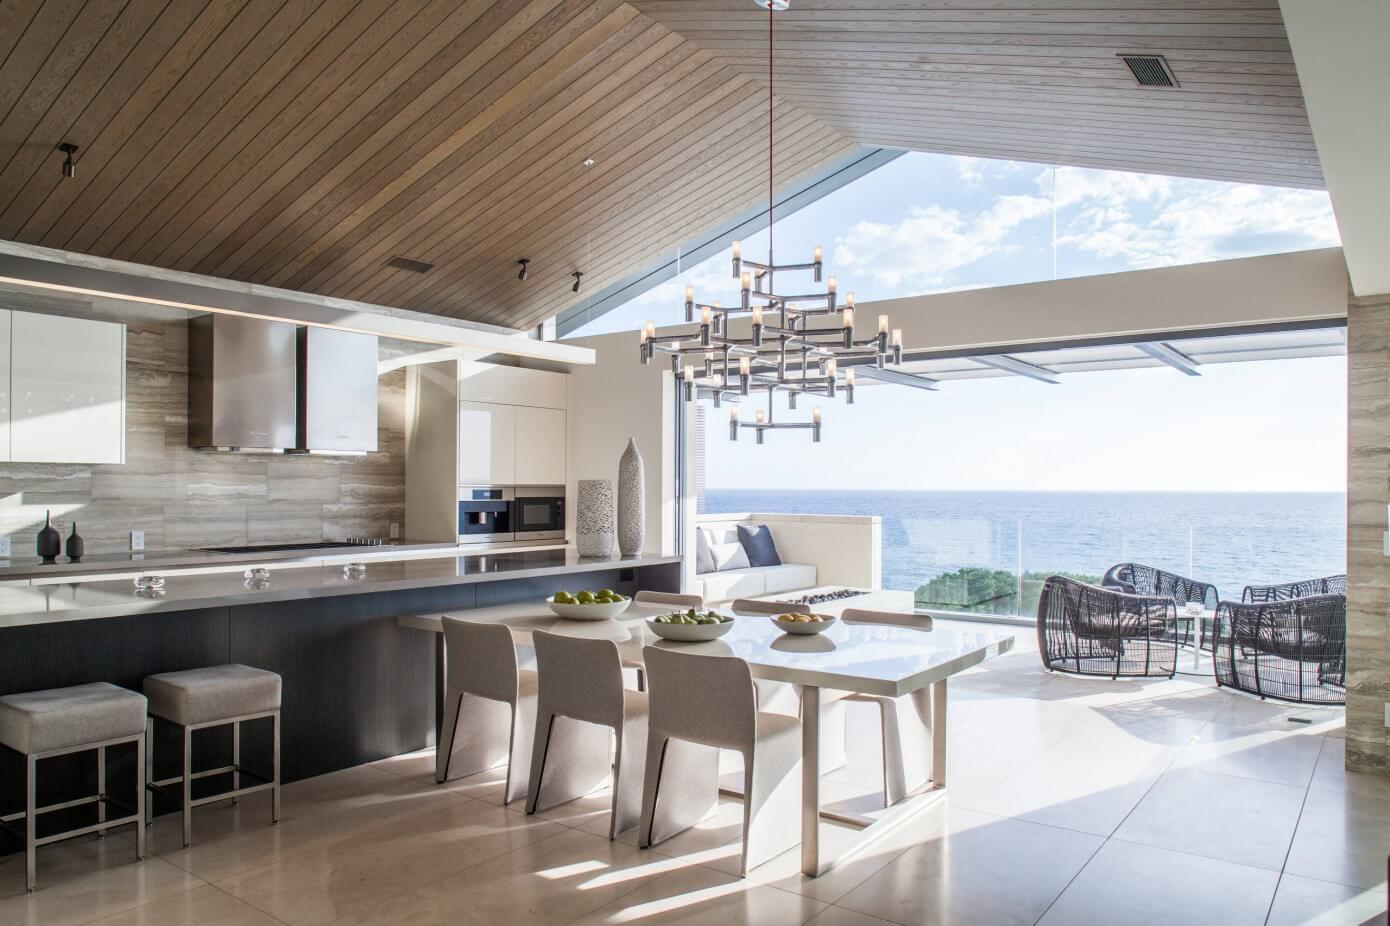 La senda by aria design homeadore for Design interni casa moderna